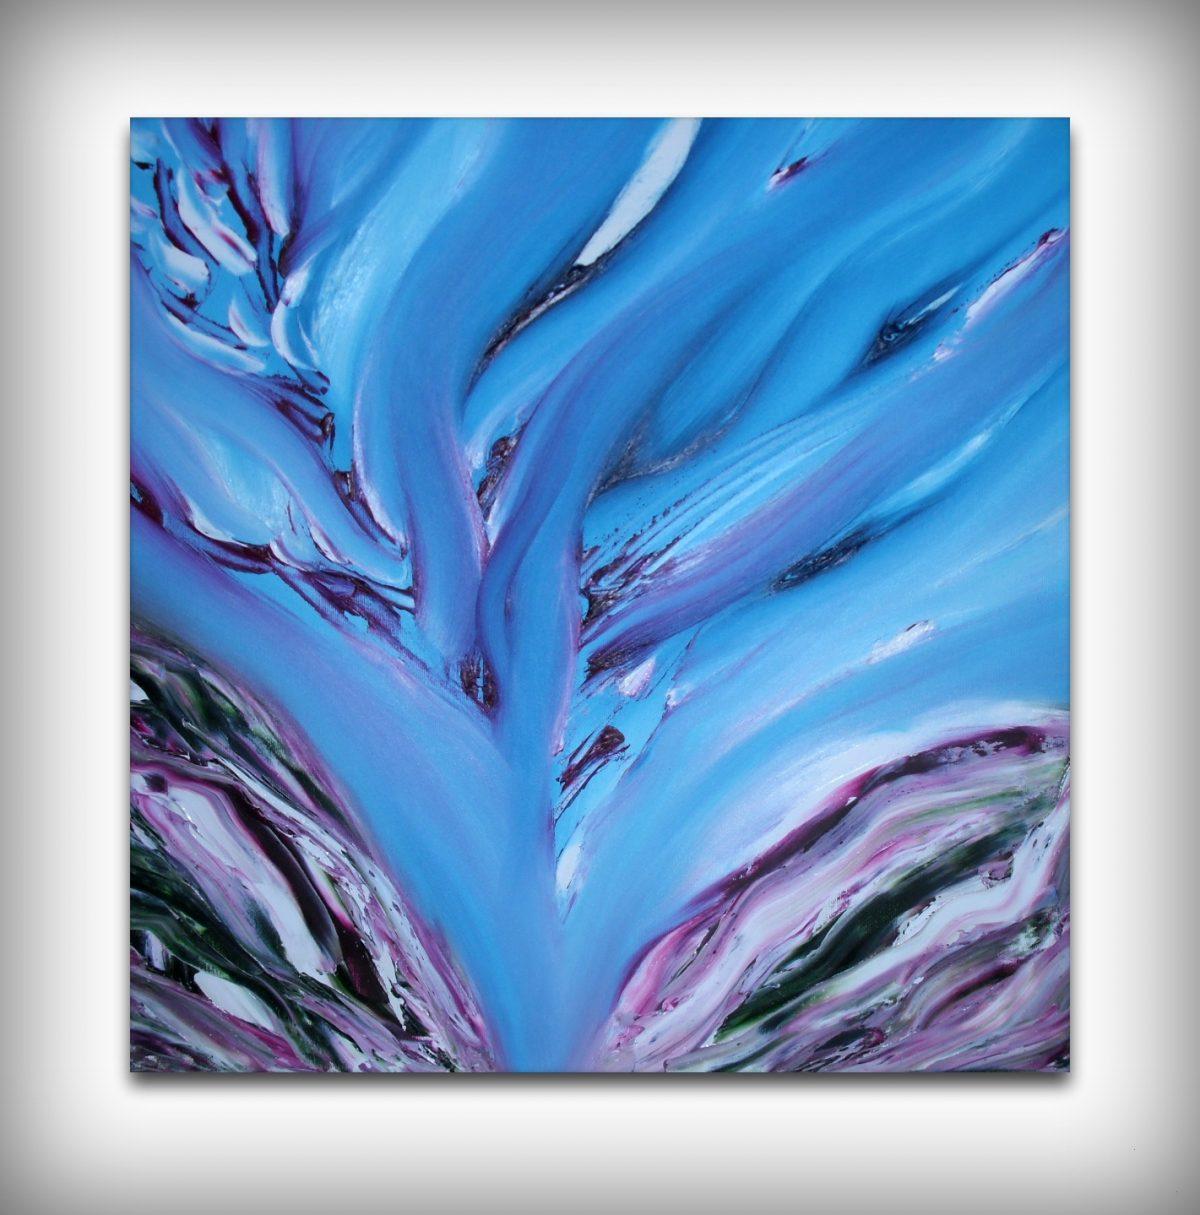 Sinuoso tormento dipinto originale in vendita online